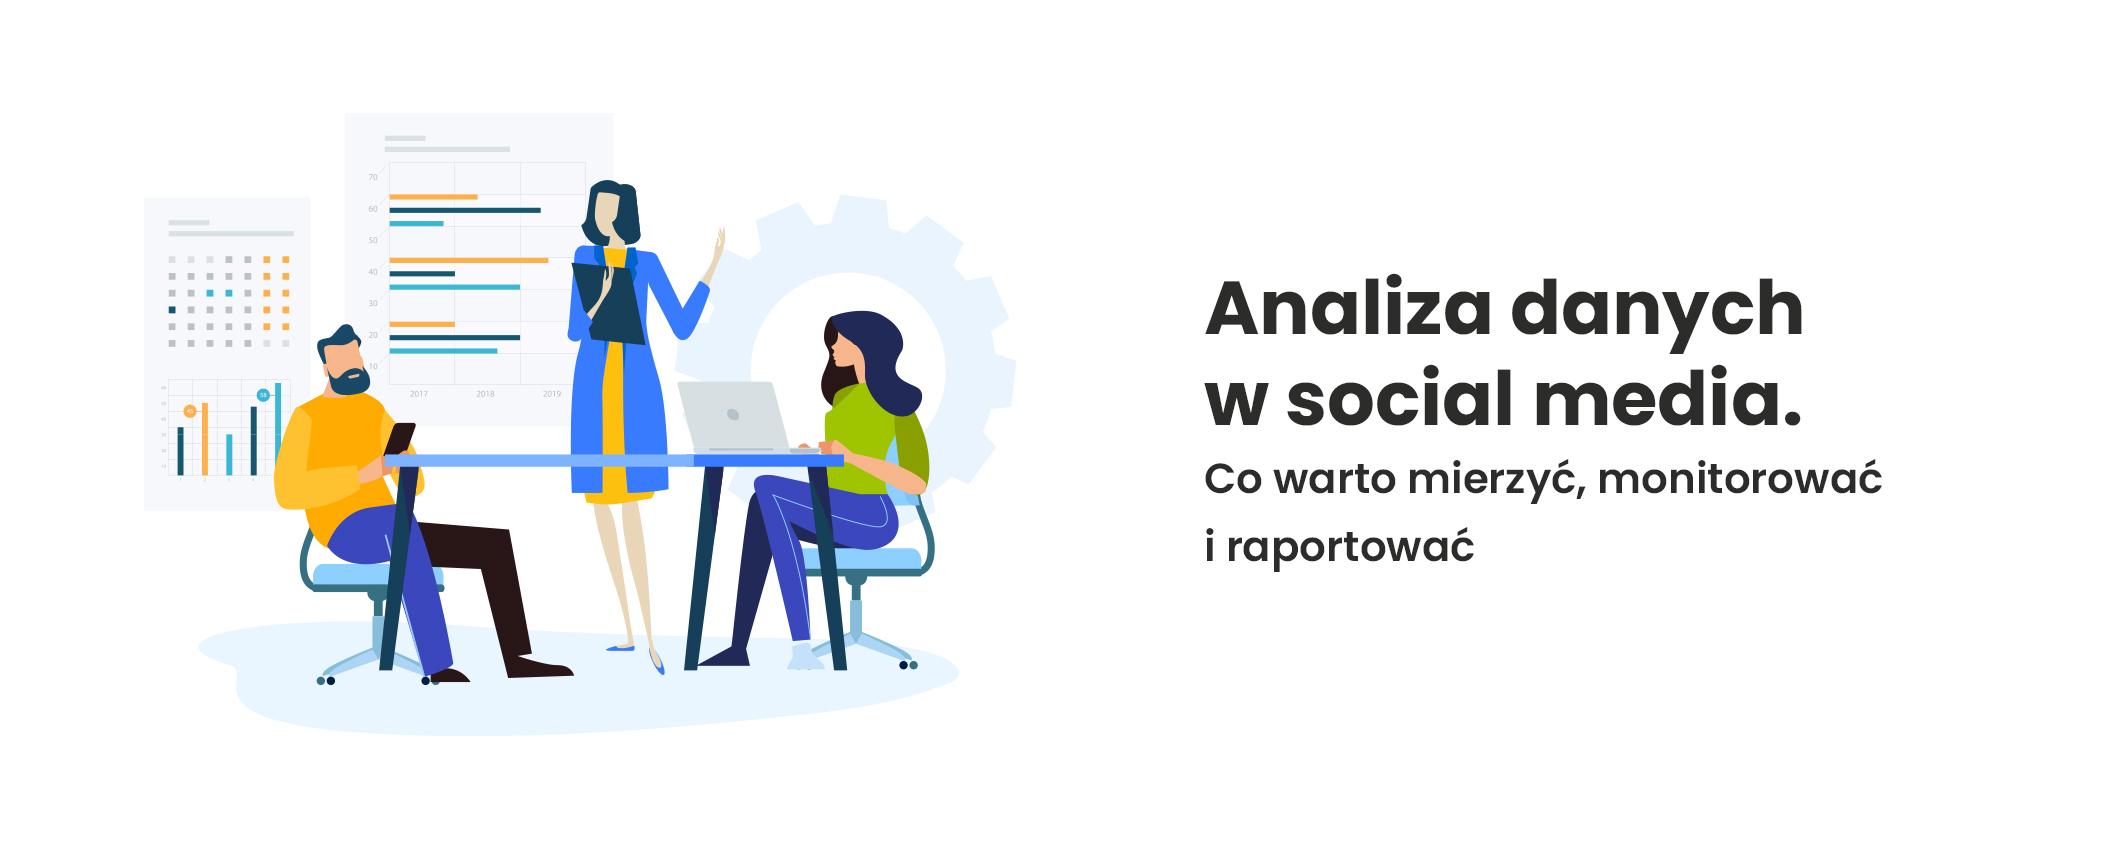 Analiza danych w social media